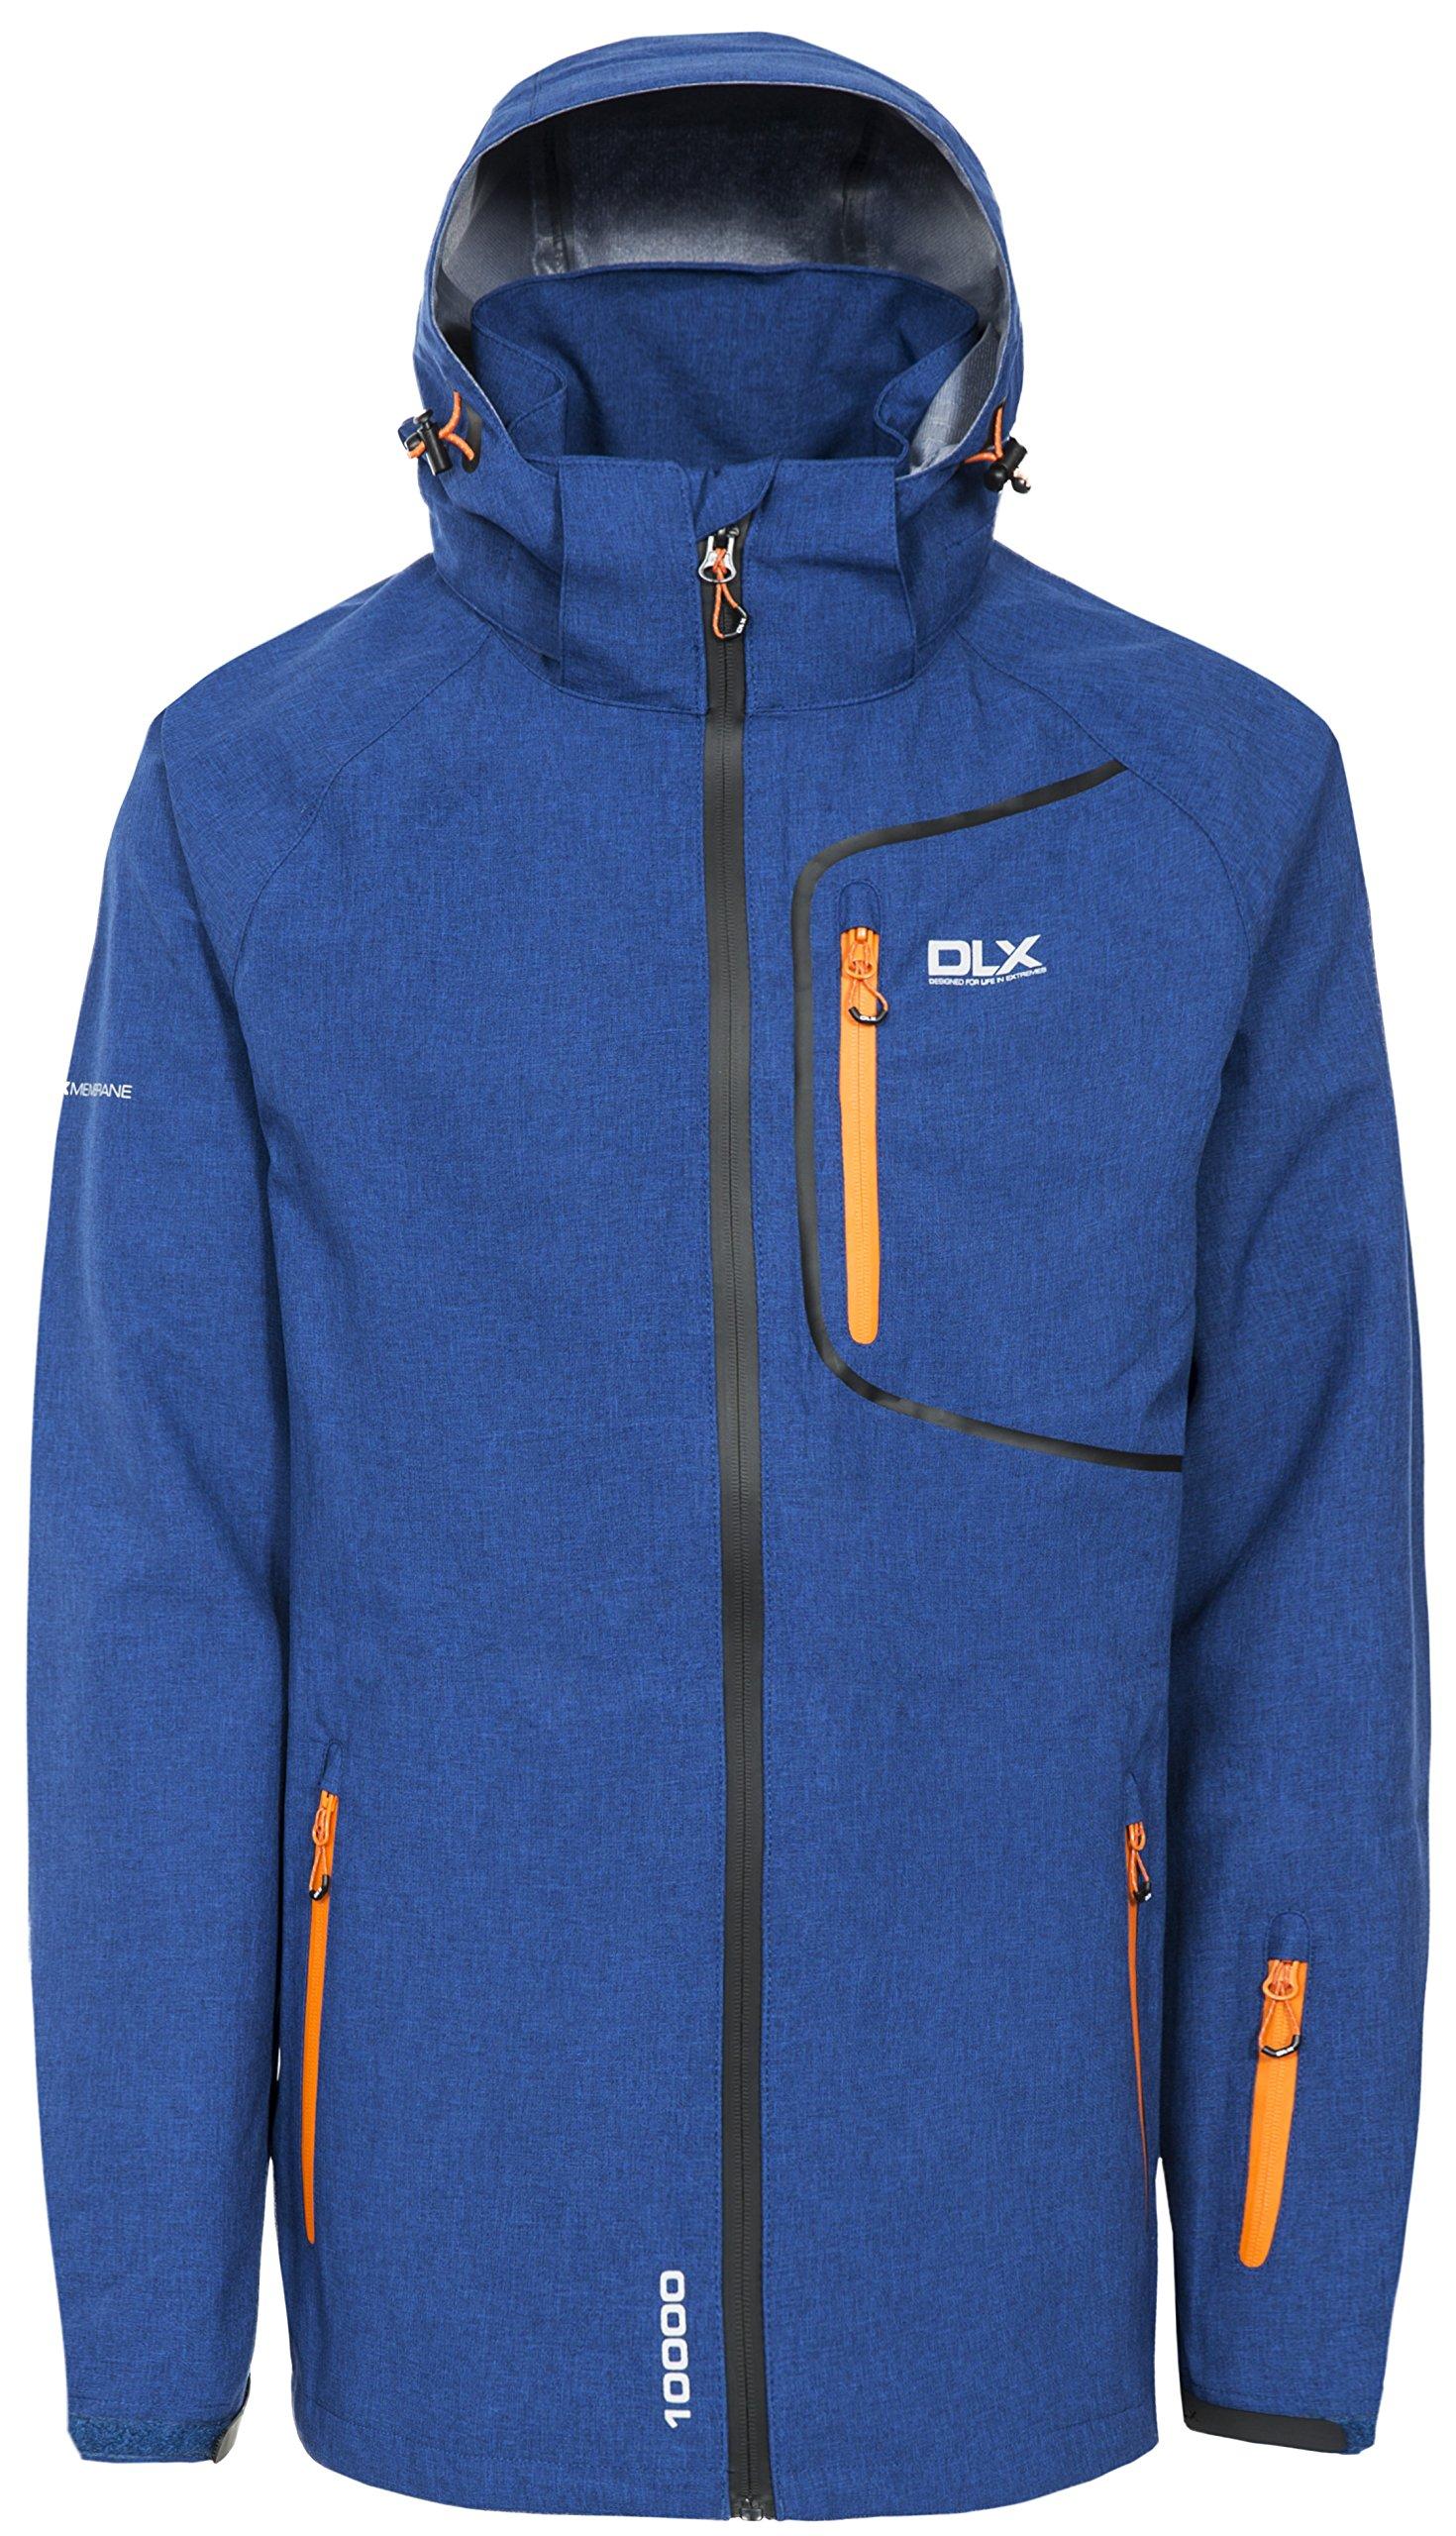 91eyMFJFSoL - Trespass Men's Caspar II Waterproof Rain/Outdoor Jacket with Removable Hood